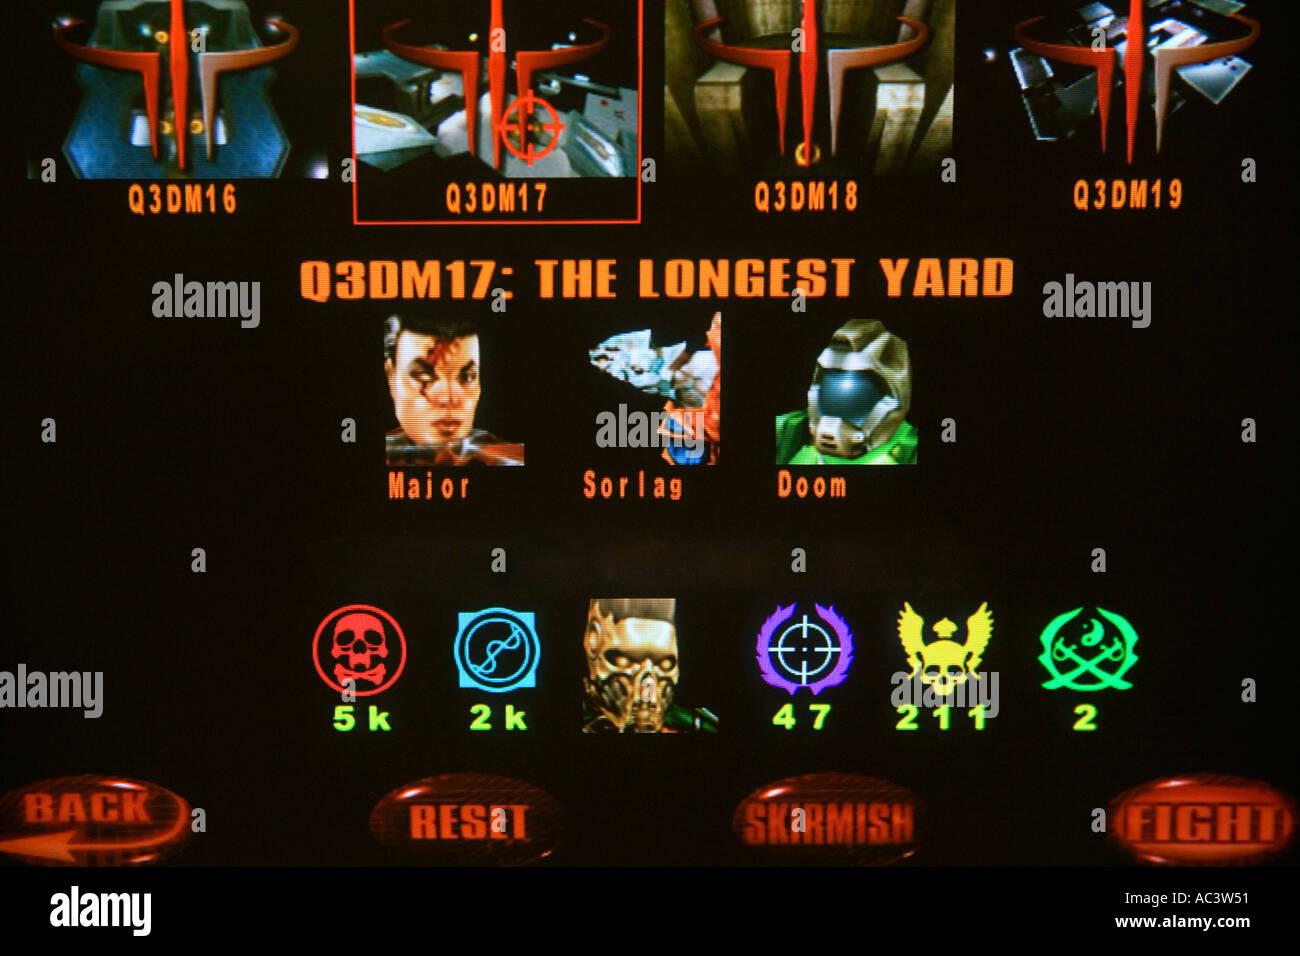 Computer game screen of Quake III Arena Stock Photo: 4255056 - Alamy